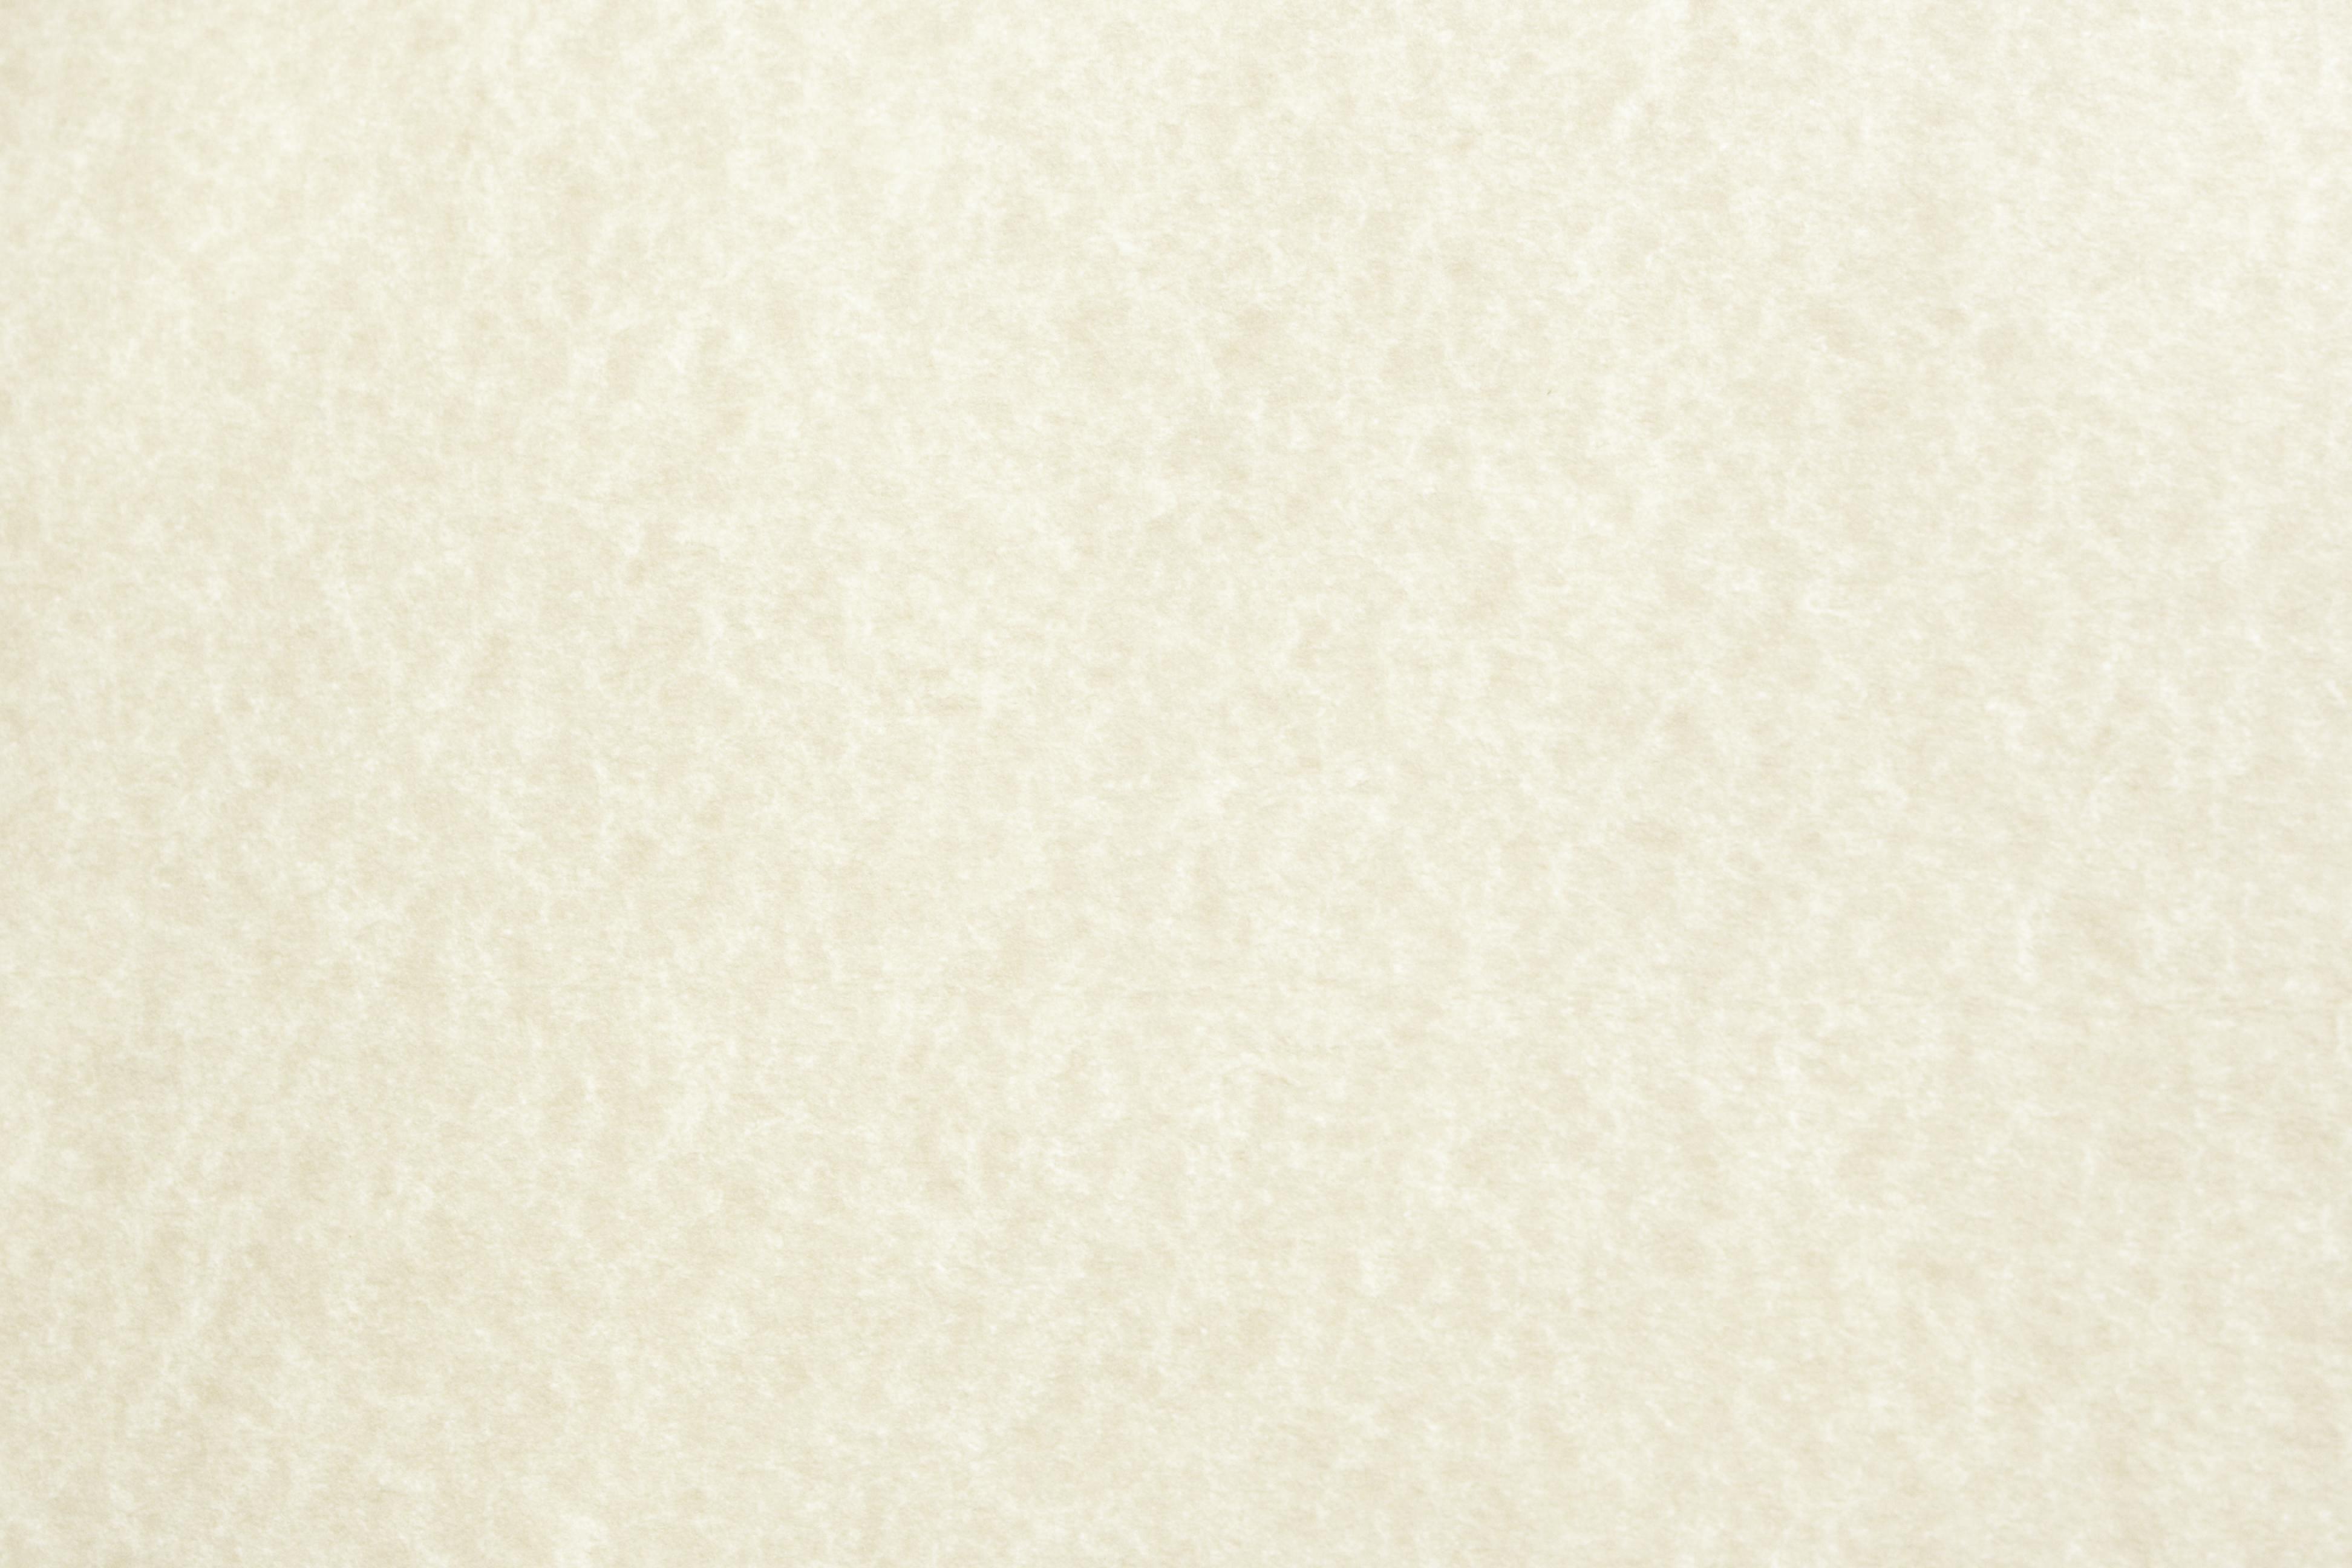 Parchment Paper Paint Color